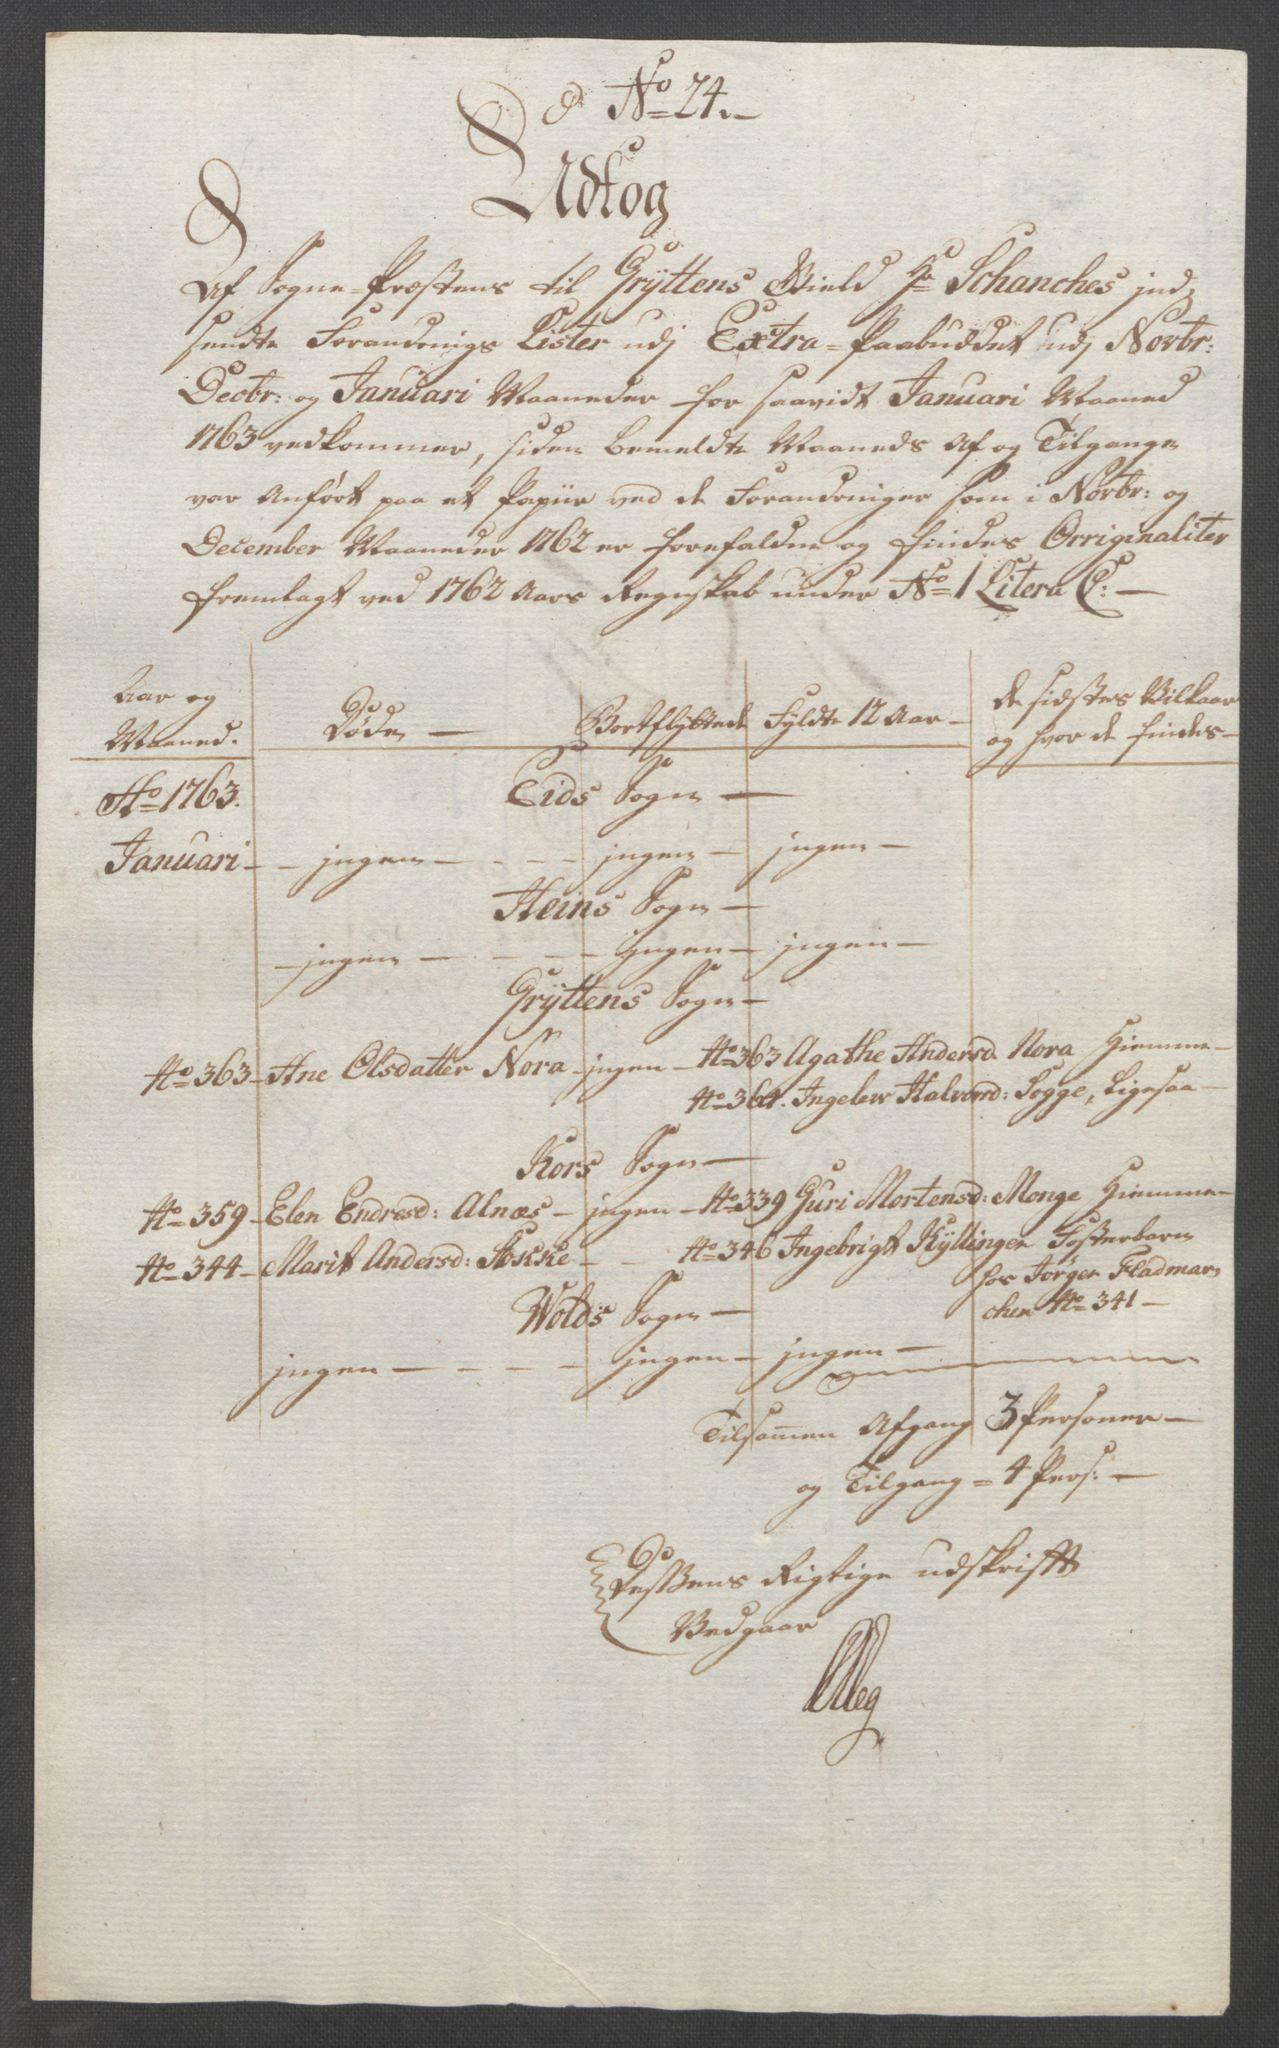 RA, Rentekammeret inntil 1814, Reviderte regnskaper, Fogderegnskap, R55/L3730: Ekstraskatten Romsdal, 1762-1763, s. 411